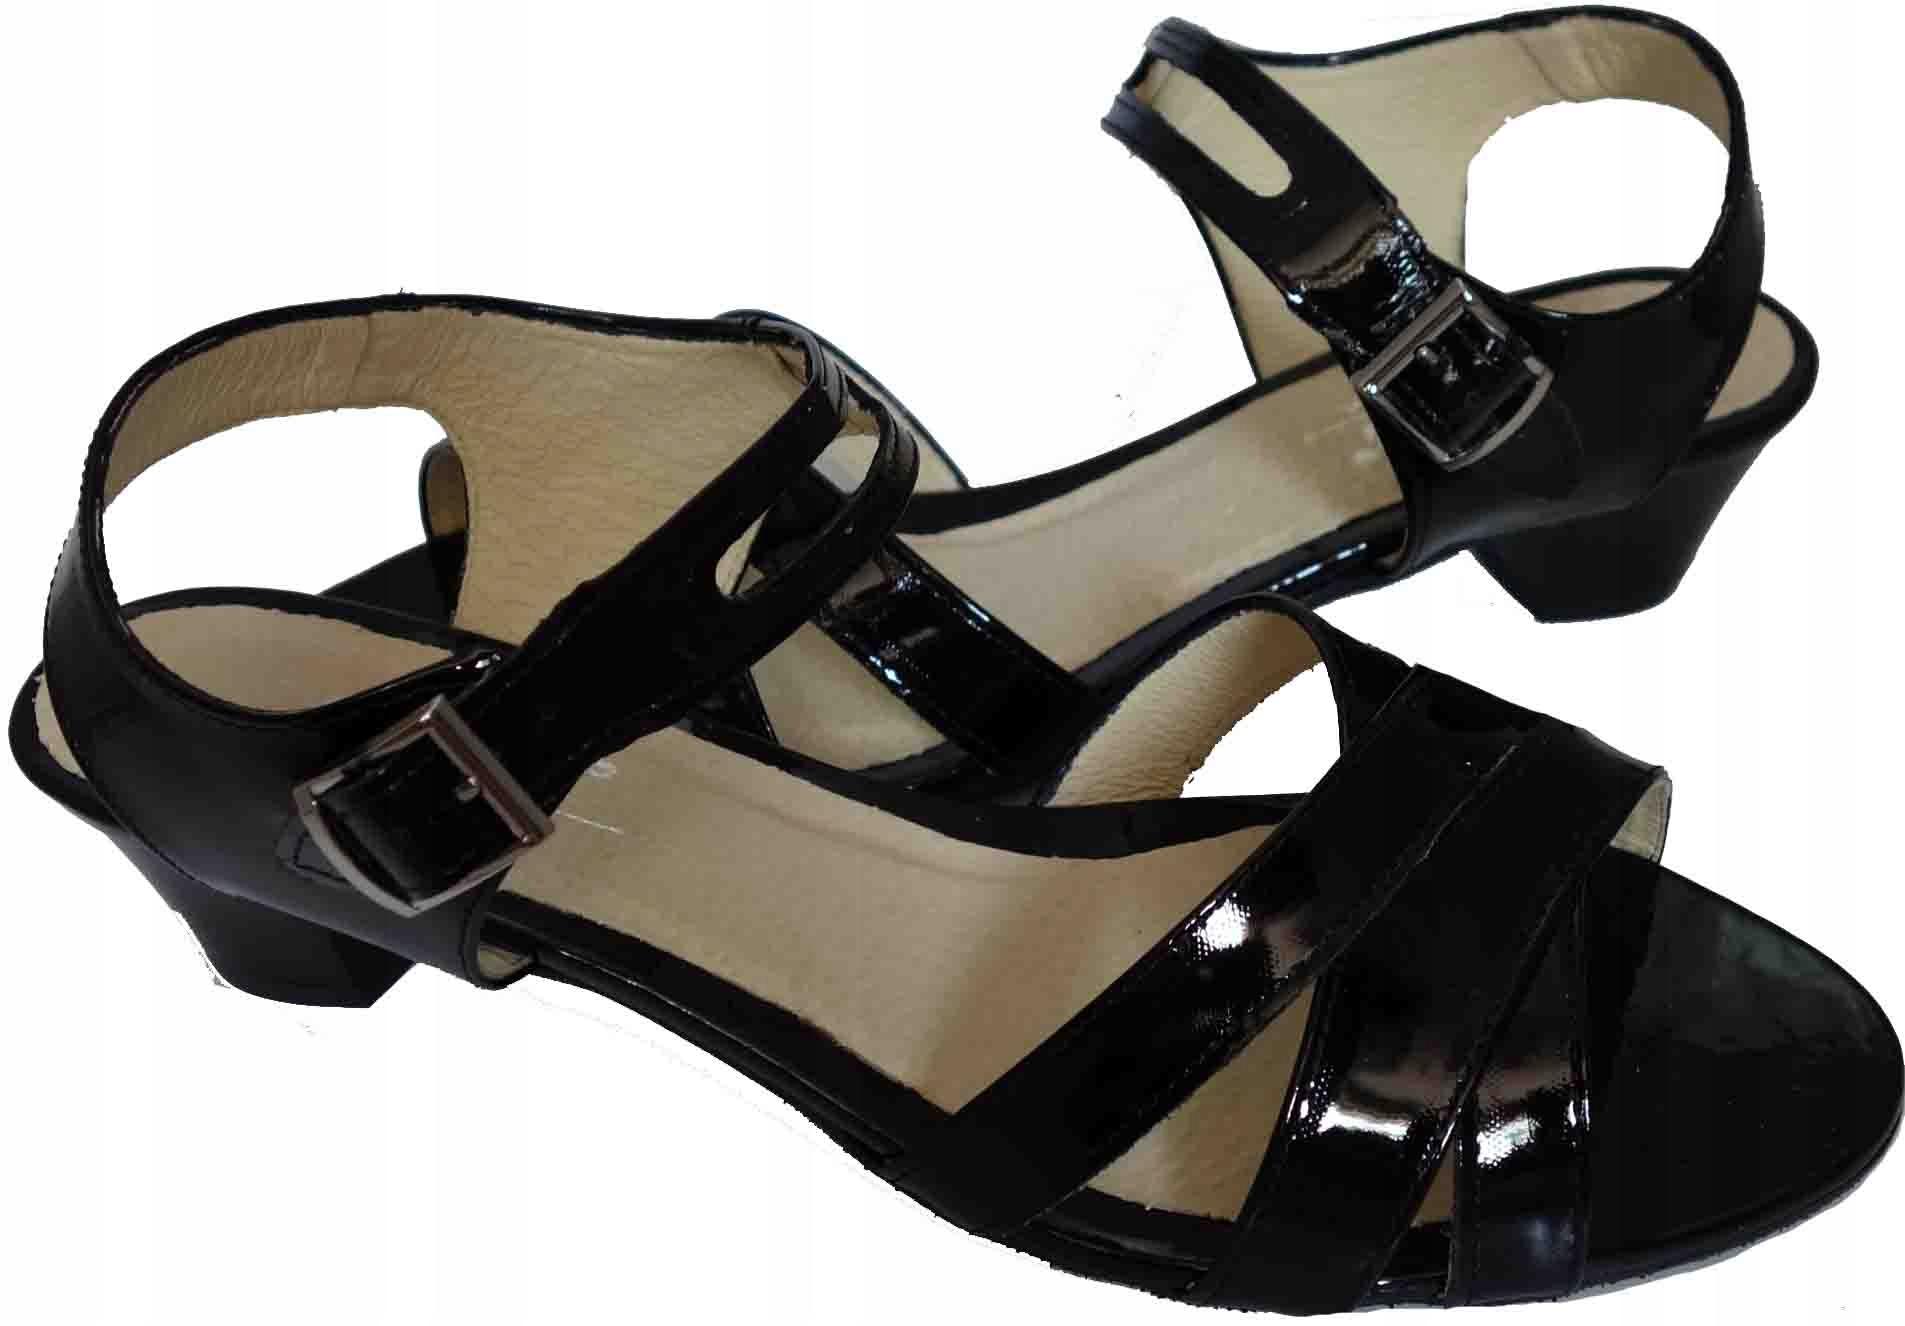 Skórzane sandały Tegosc H szerokie w palcach 44